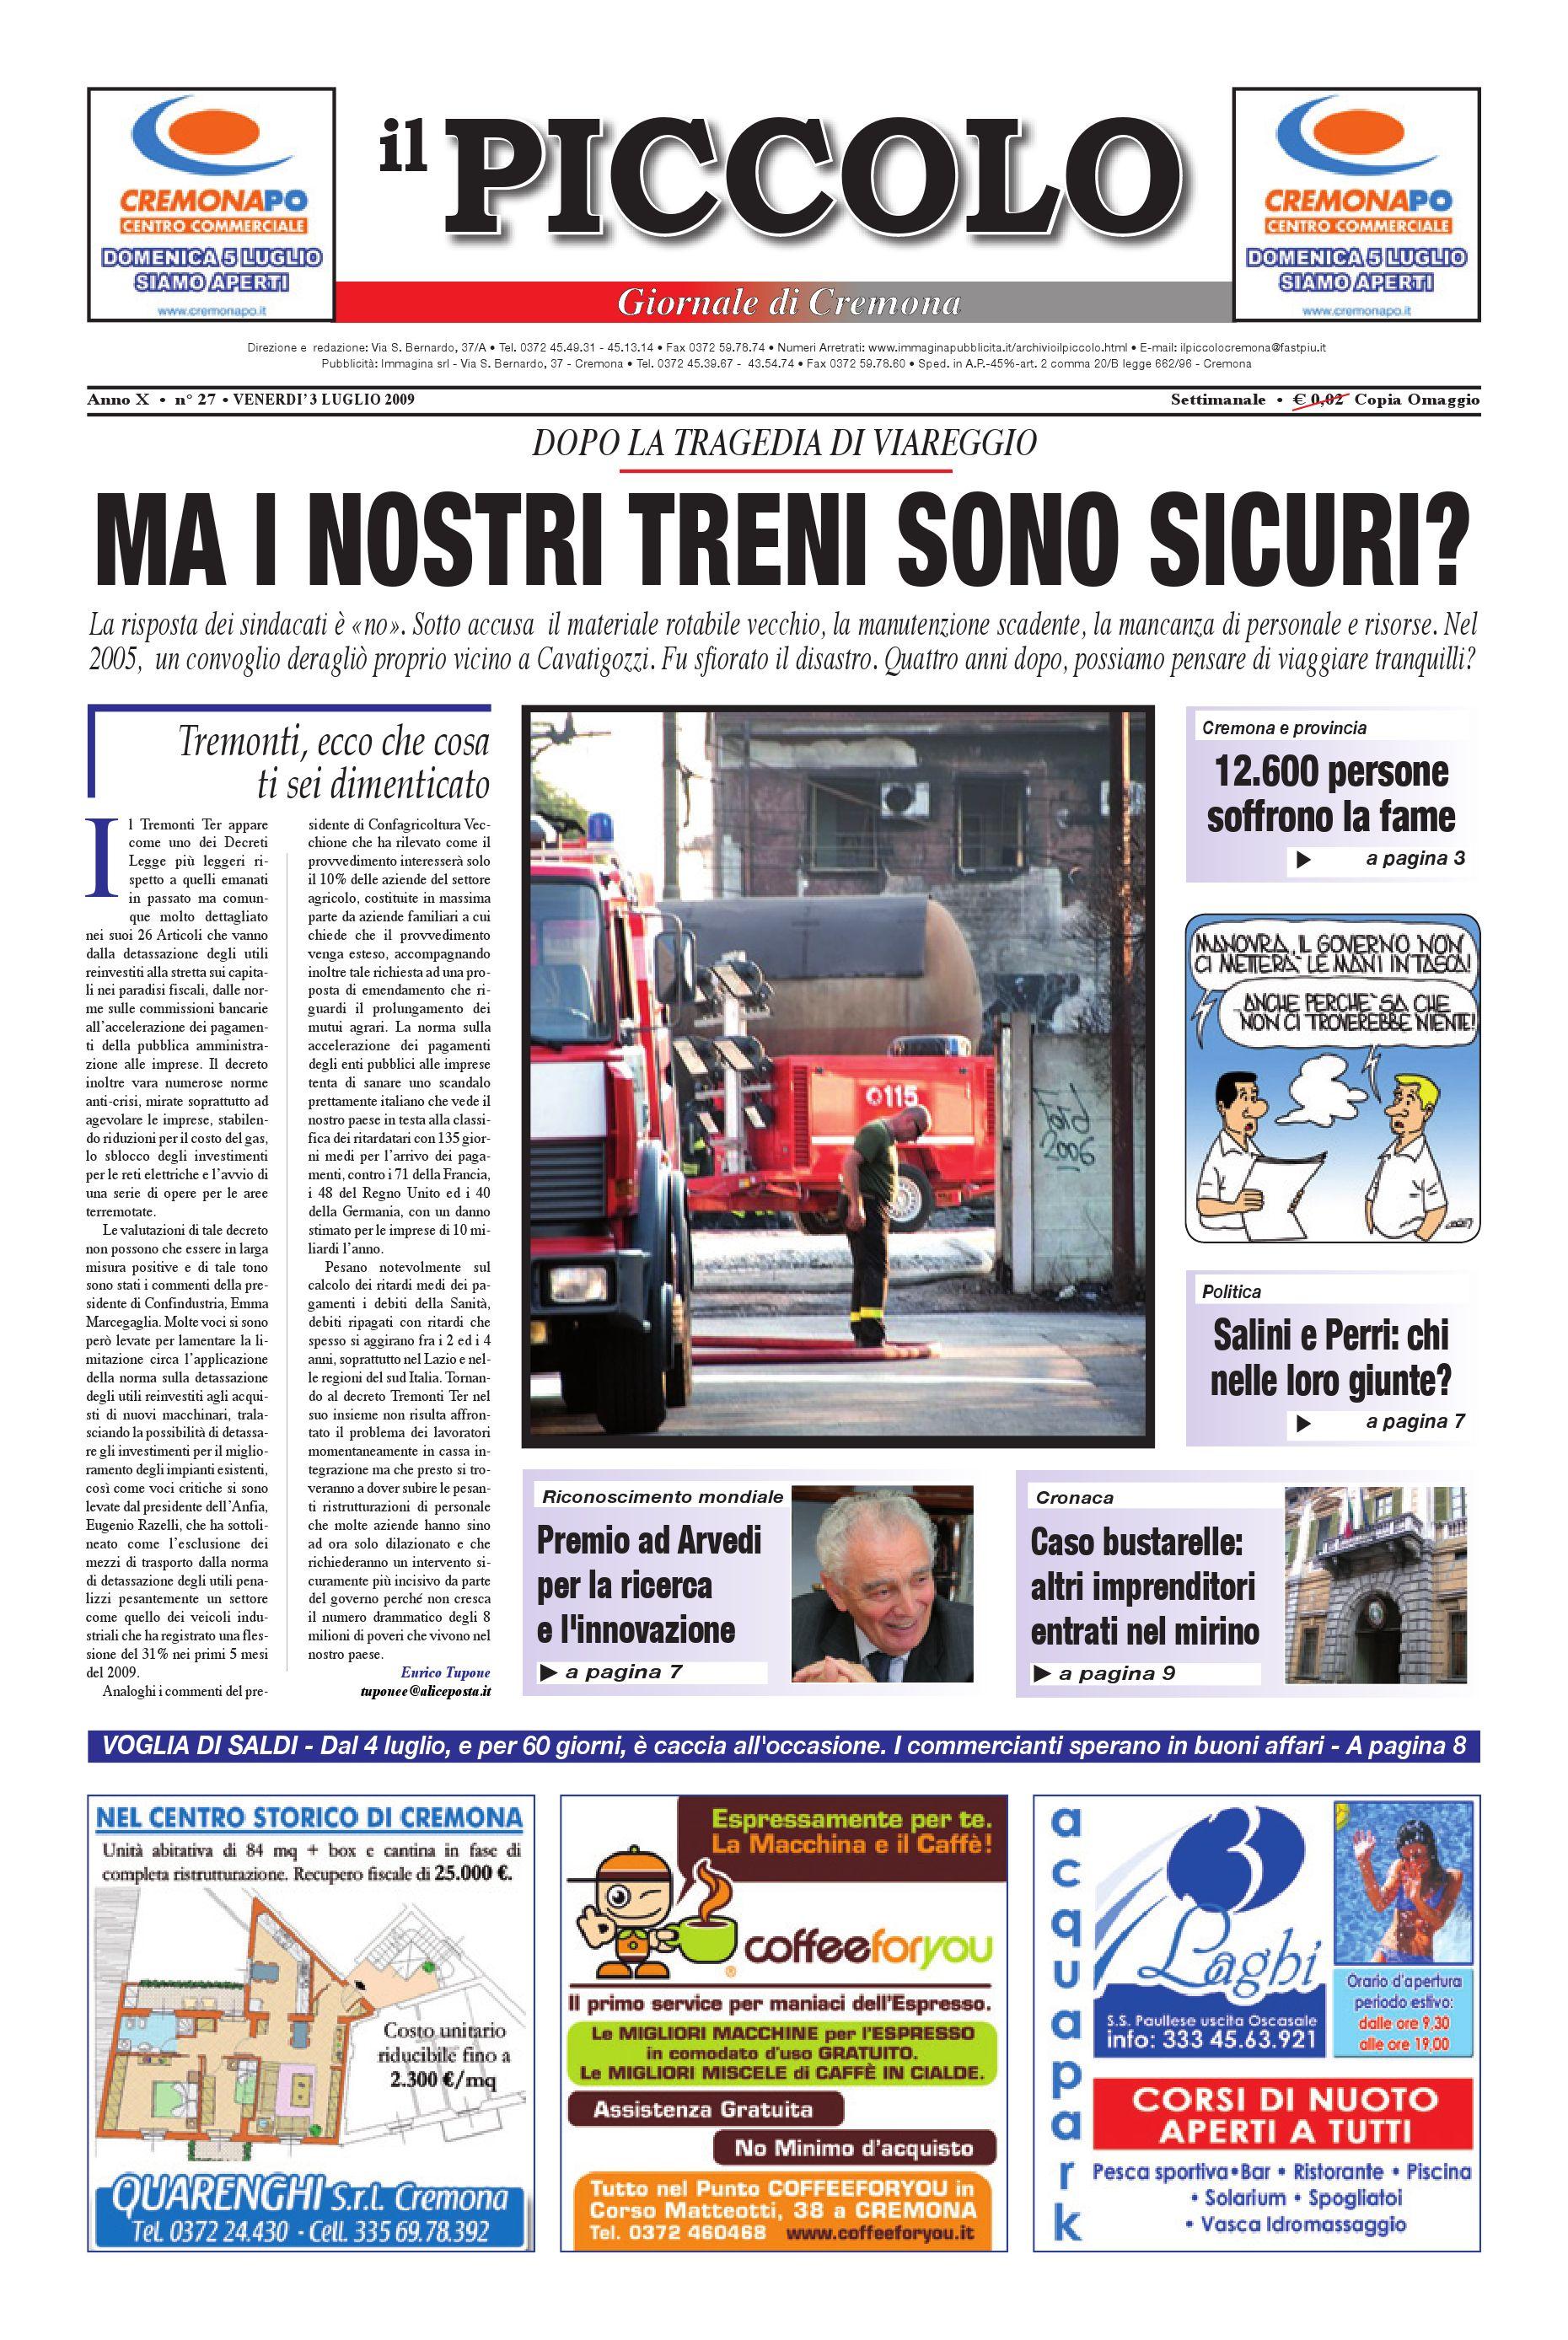 Il Piccolo Cremona by promedia promedia issuu